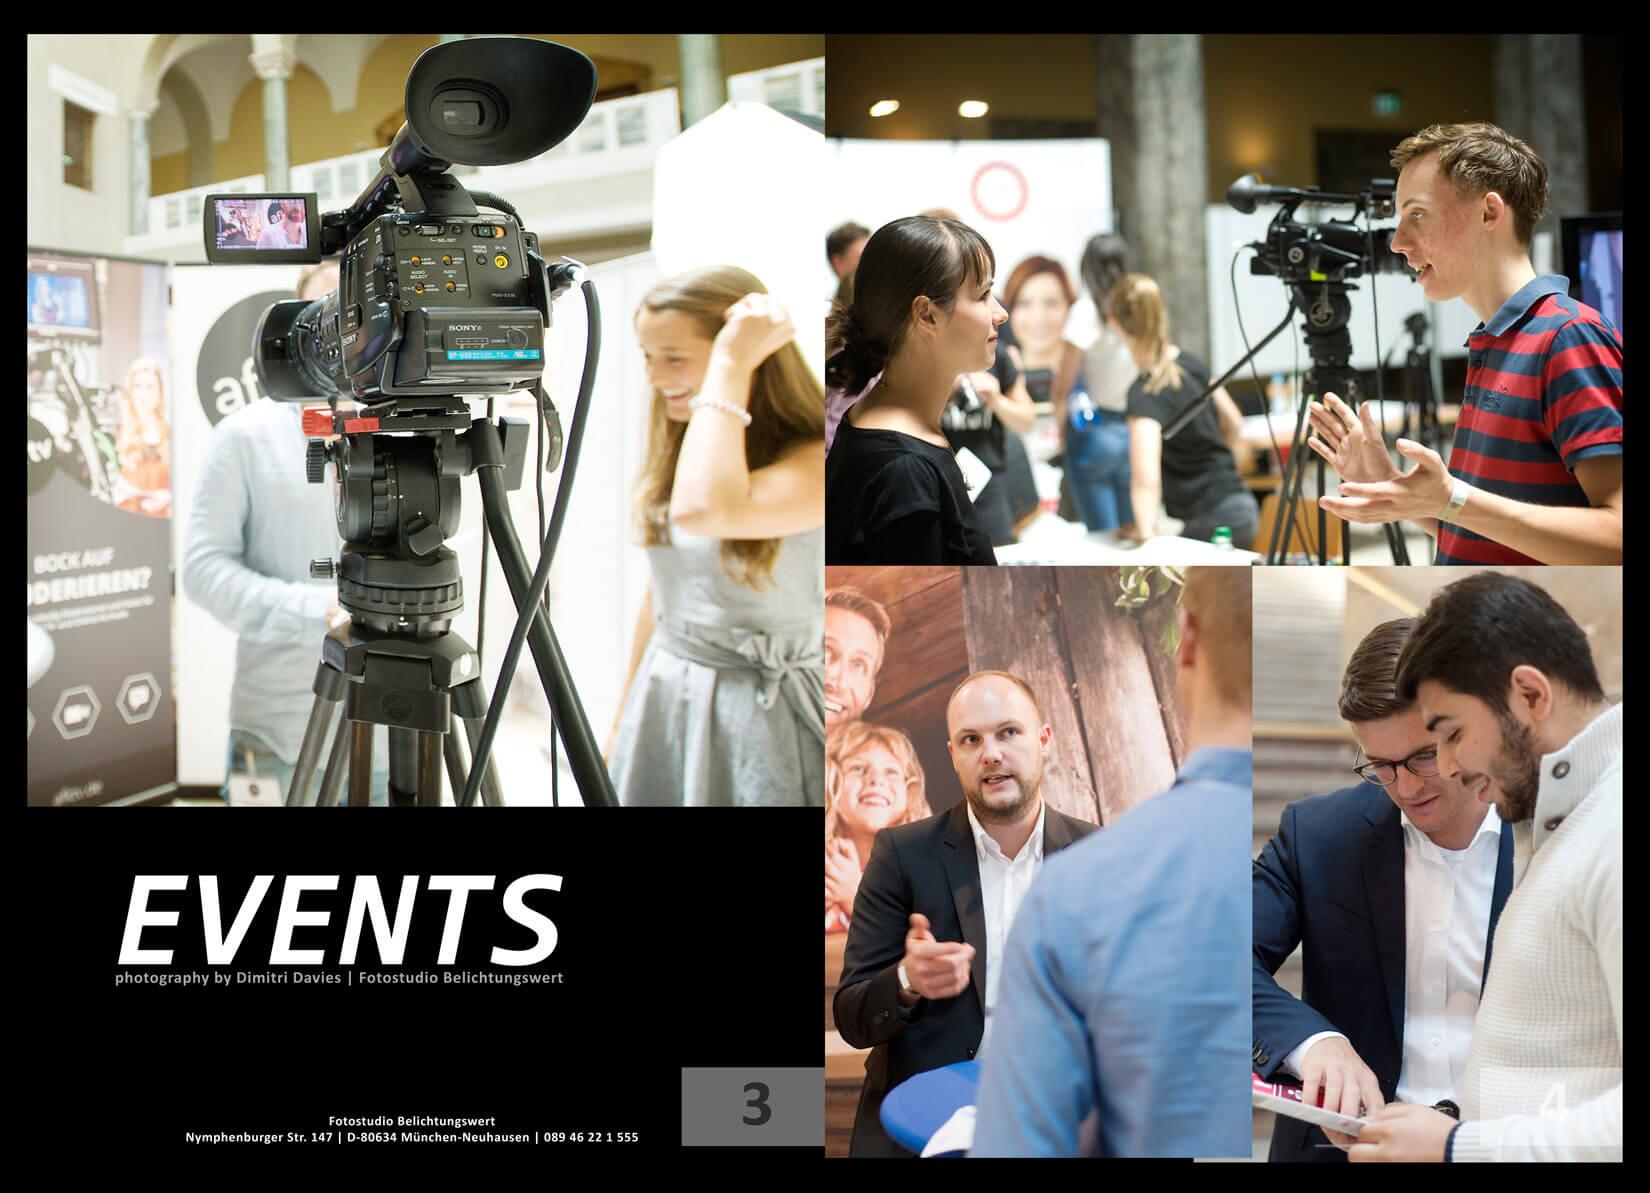 Eventfotografie München gesprächssituationen, Portraits und eine TV-Kamera im Vordergrund